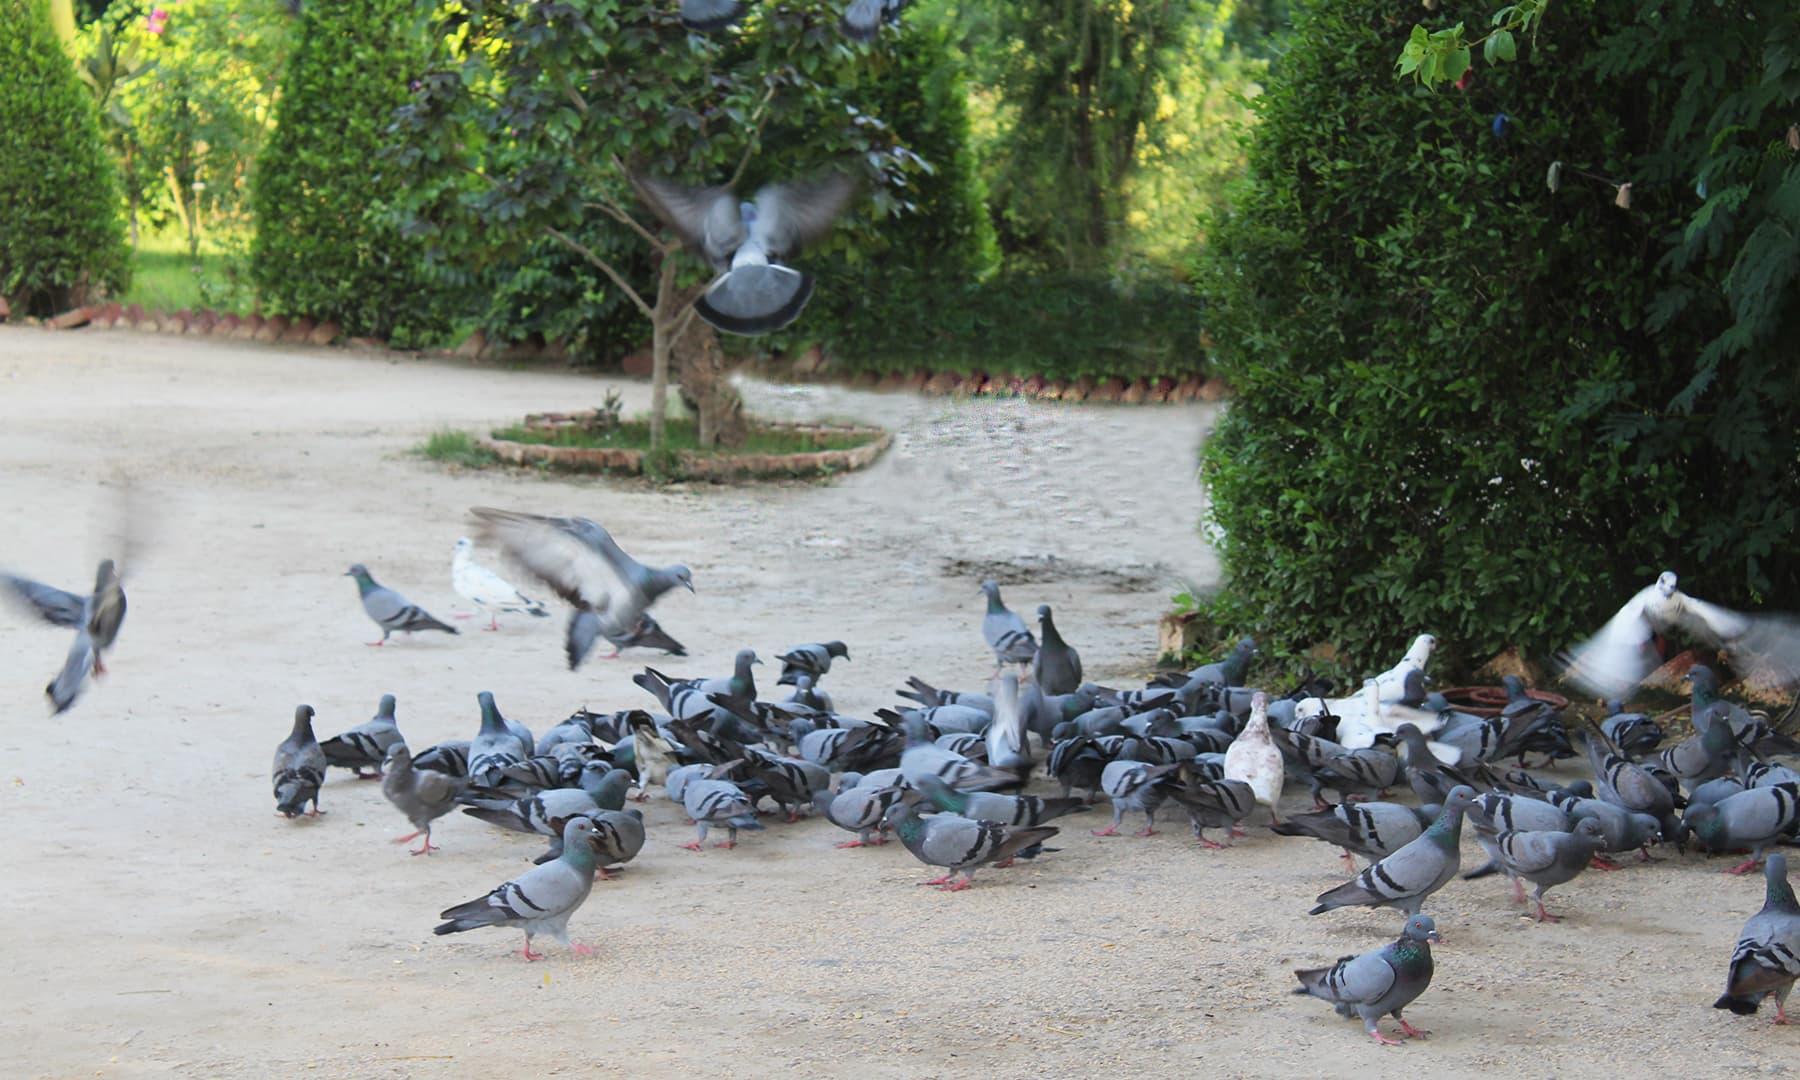 غلام حیدر کے مہمان خانے میں چرند پرند کو دانہ پانی ملتا ہے—تصویر اختر حفیظ